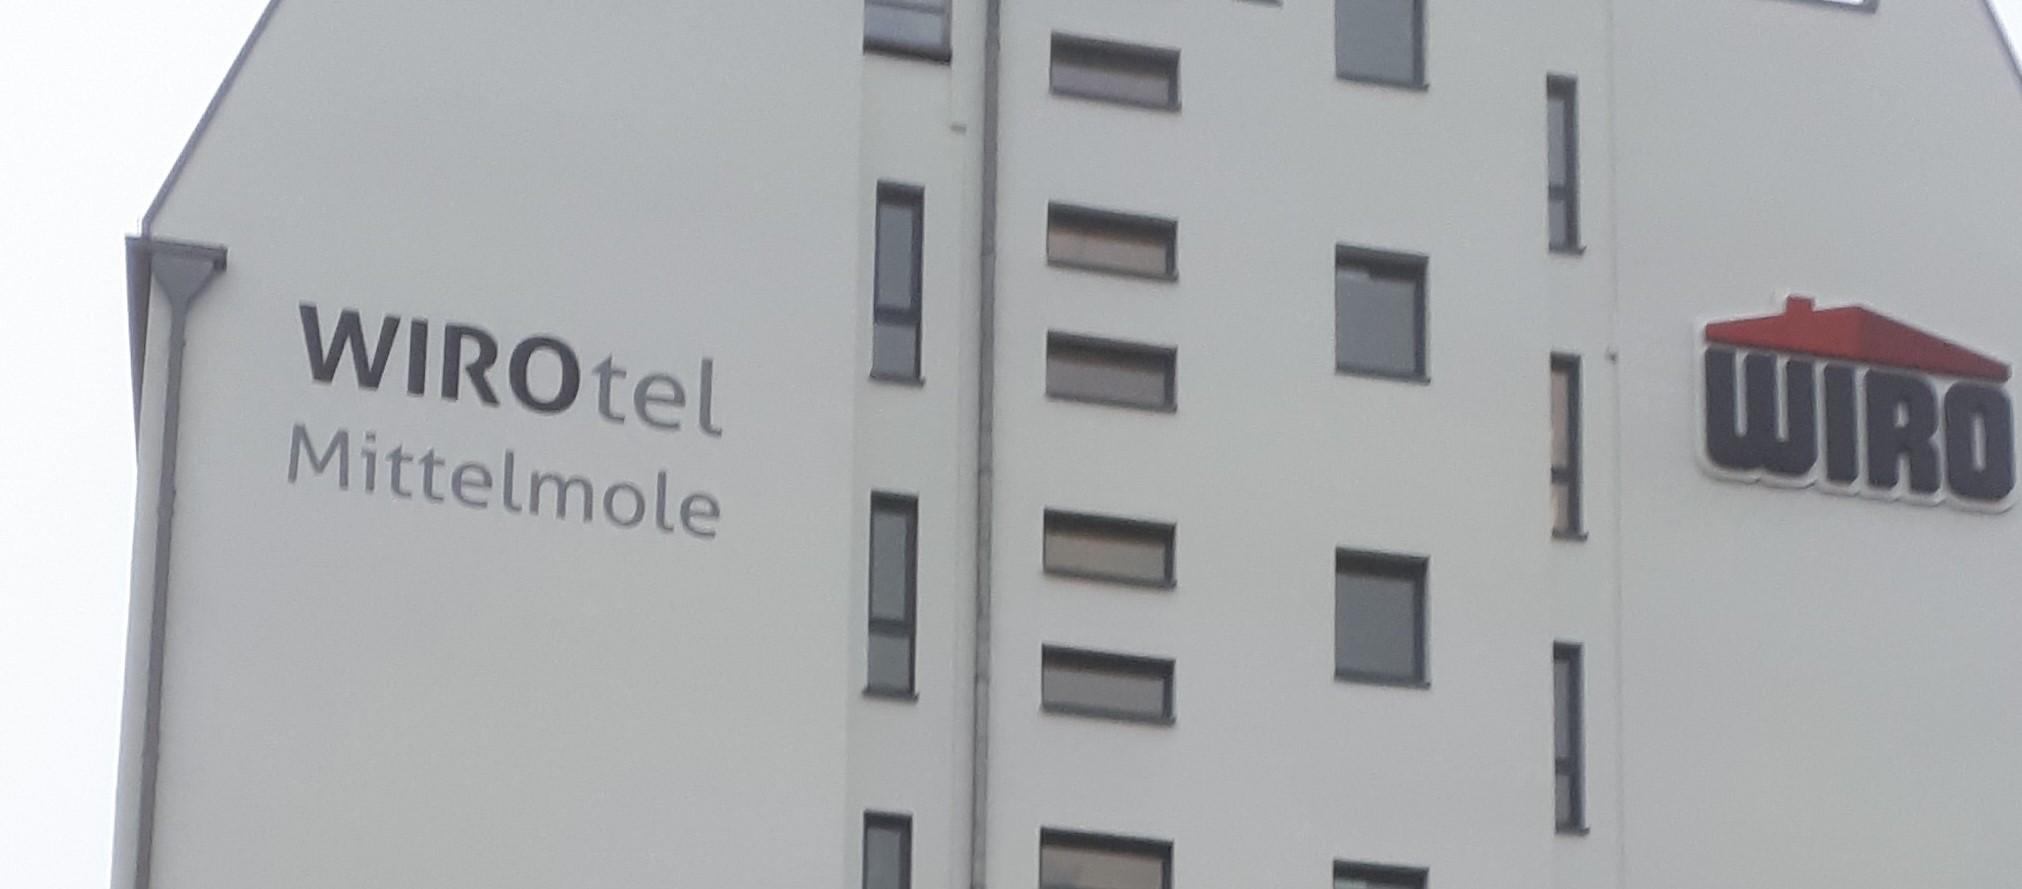 Umbau eines Bürogebäudes zum Hostel